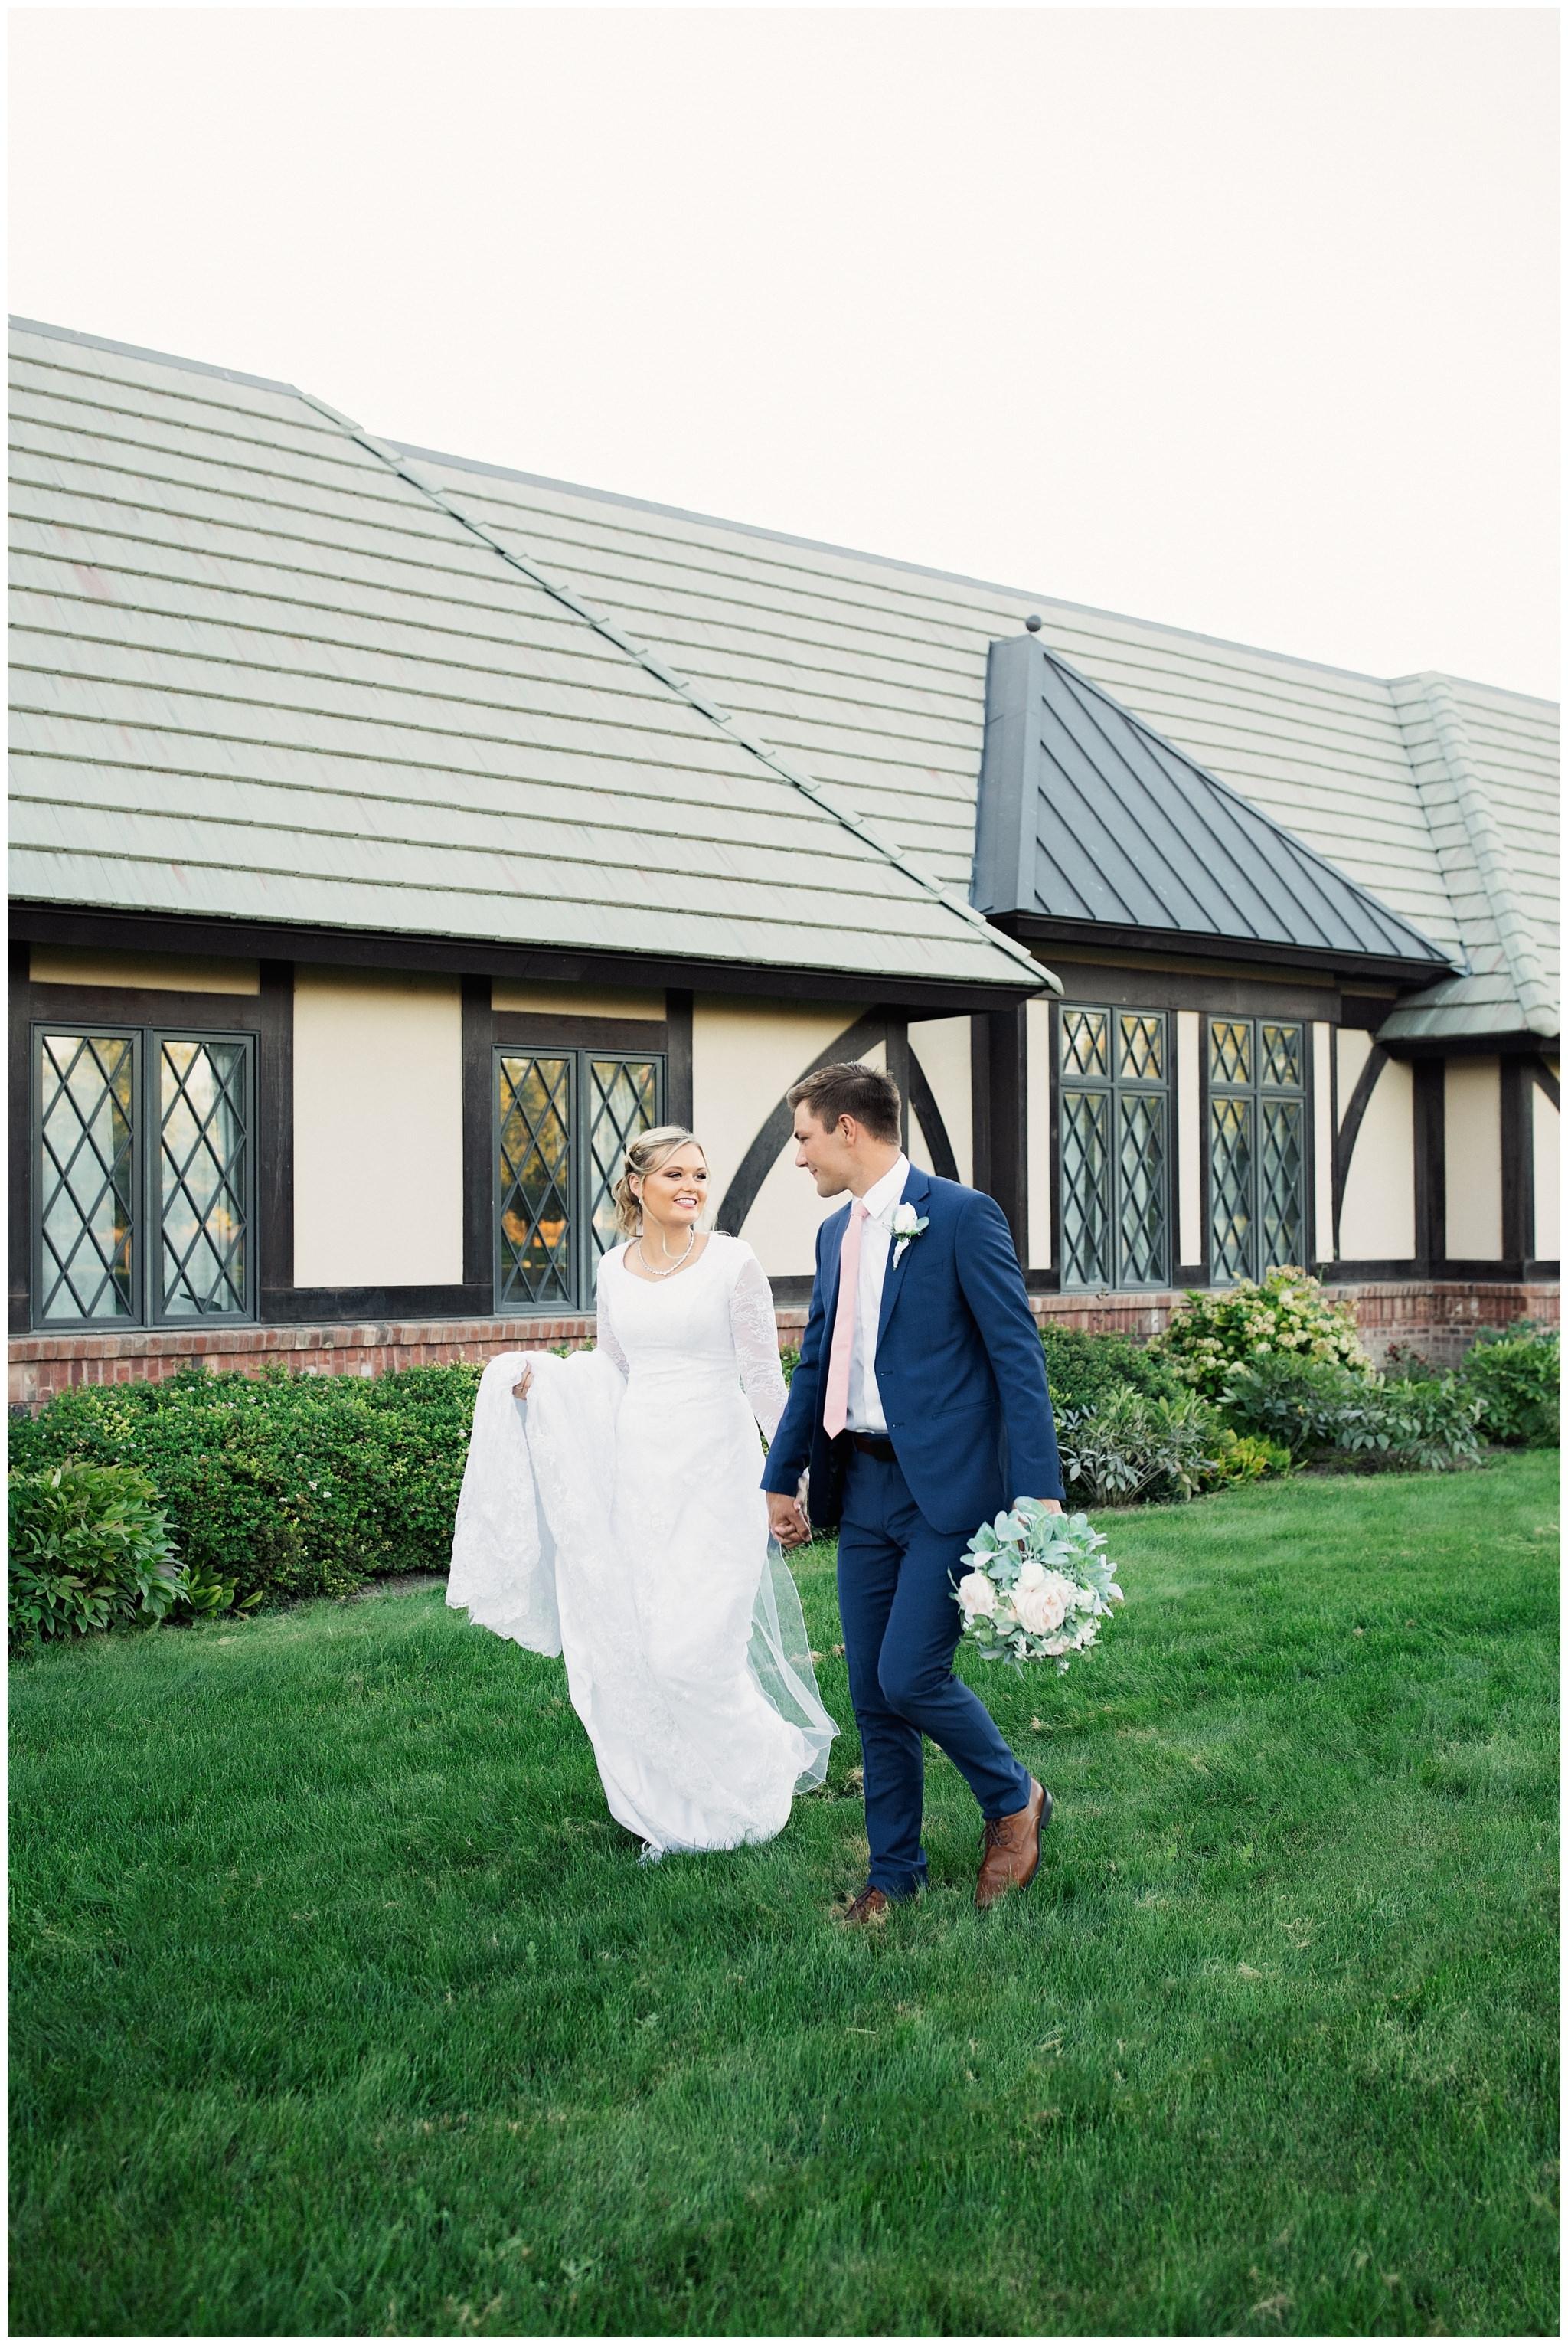 Wedding at Chateau Des Fleurs